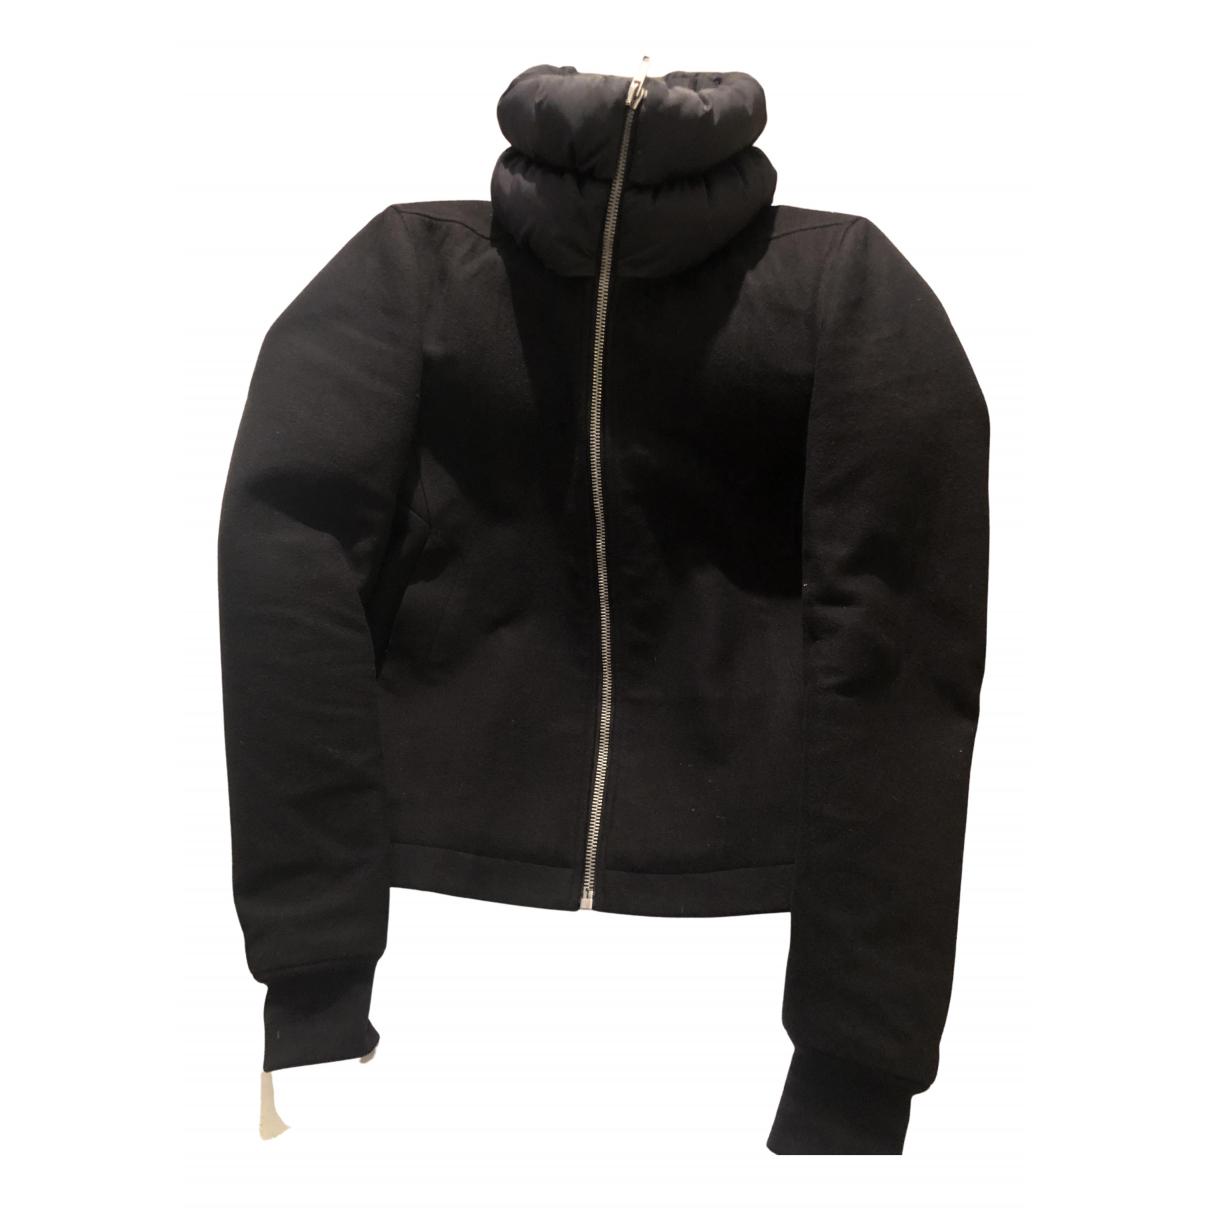 Rick Owens - Manteau   pour homme en laine - noir